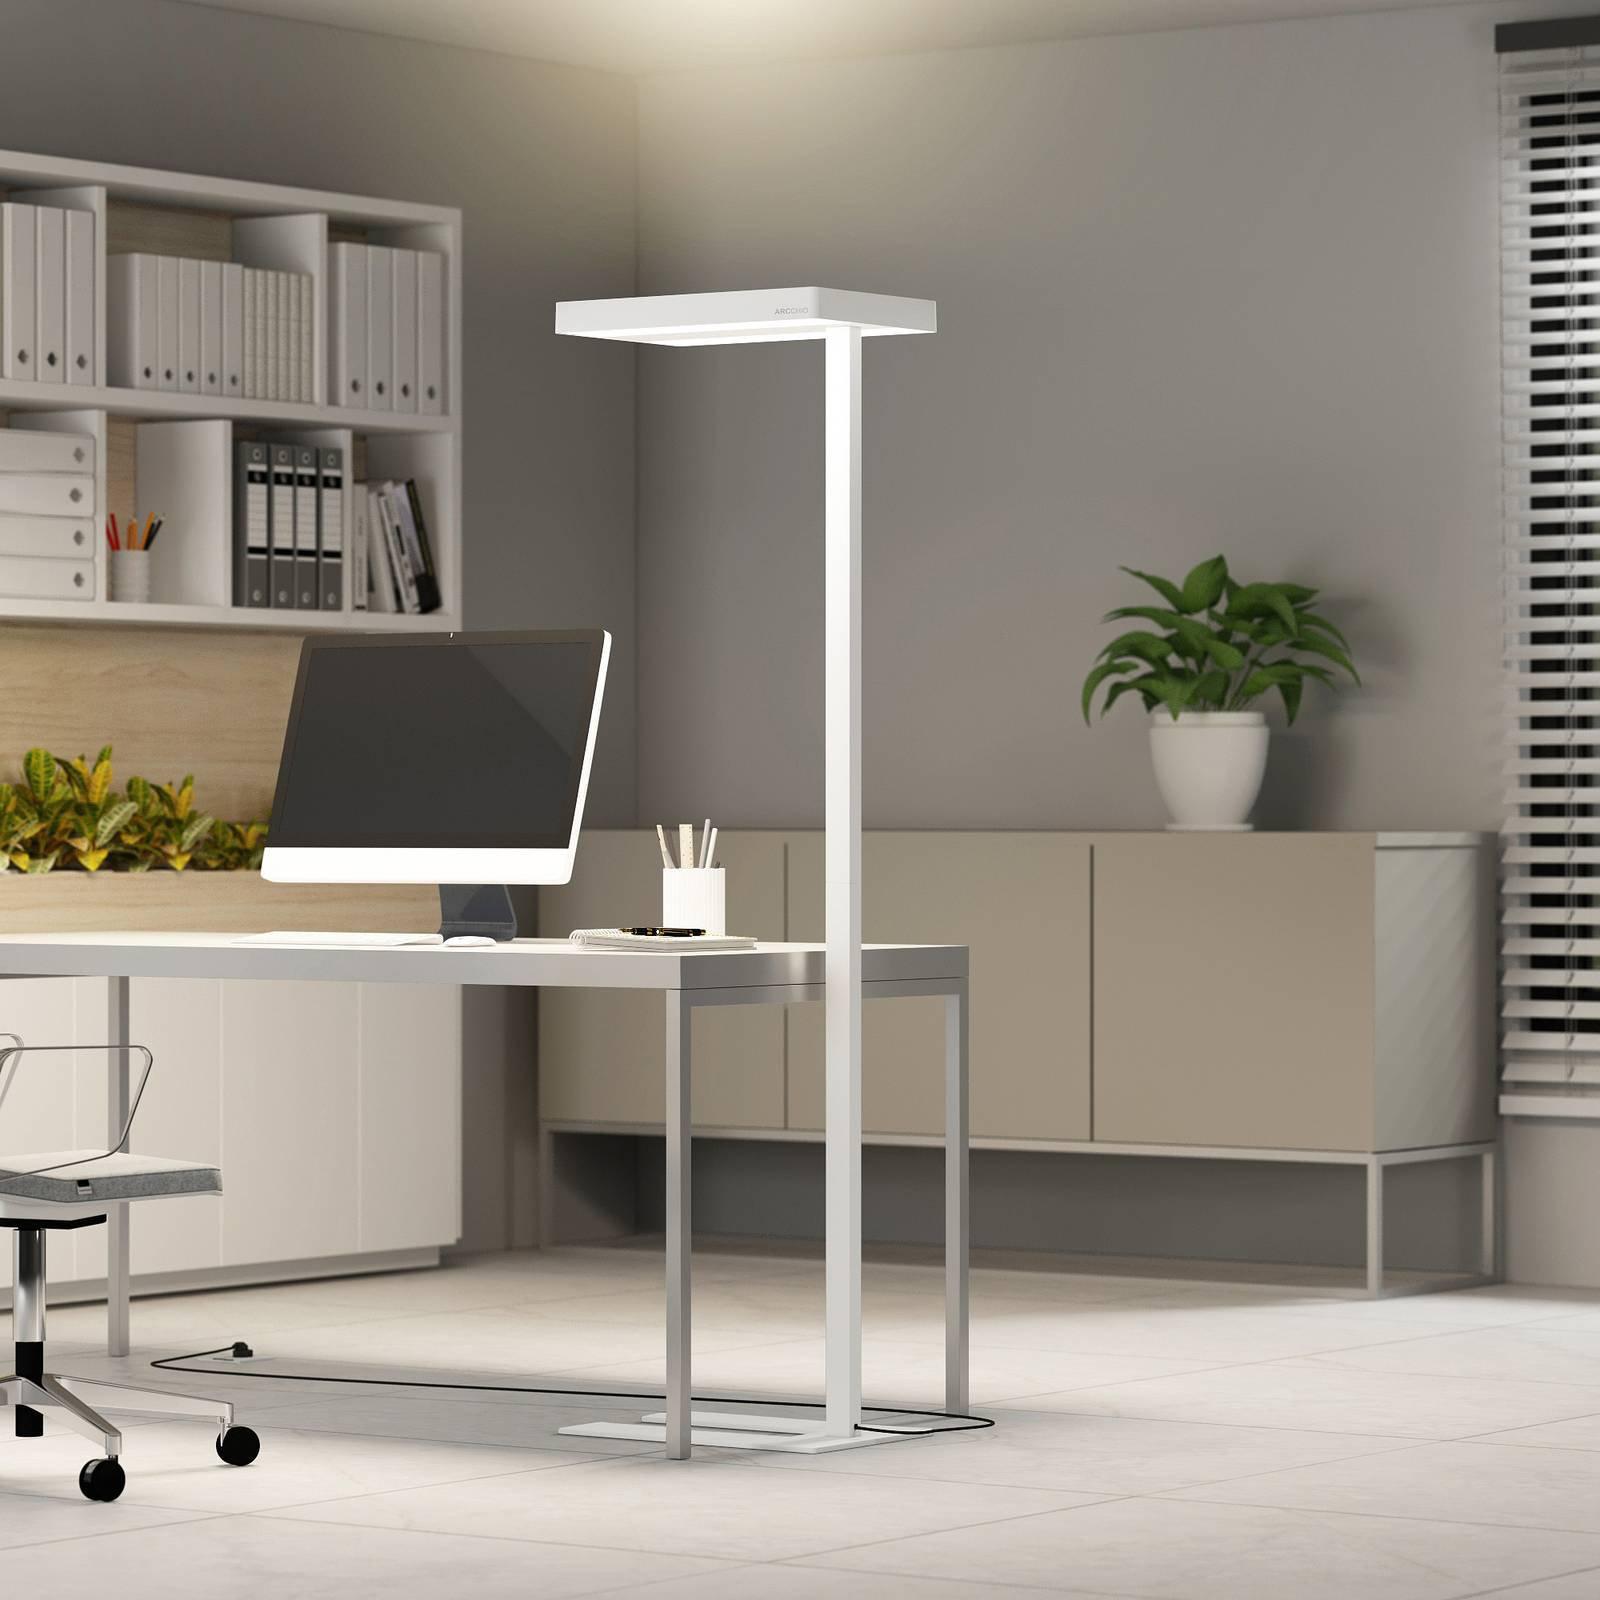 Arcchio Kalem gulvlampe til kontor, rund, hvit